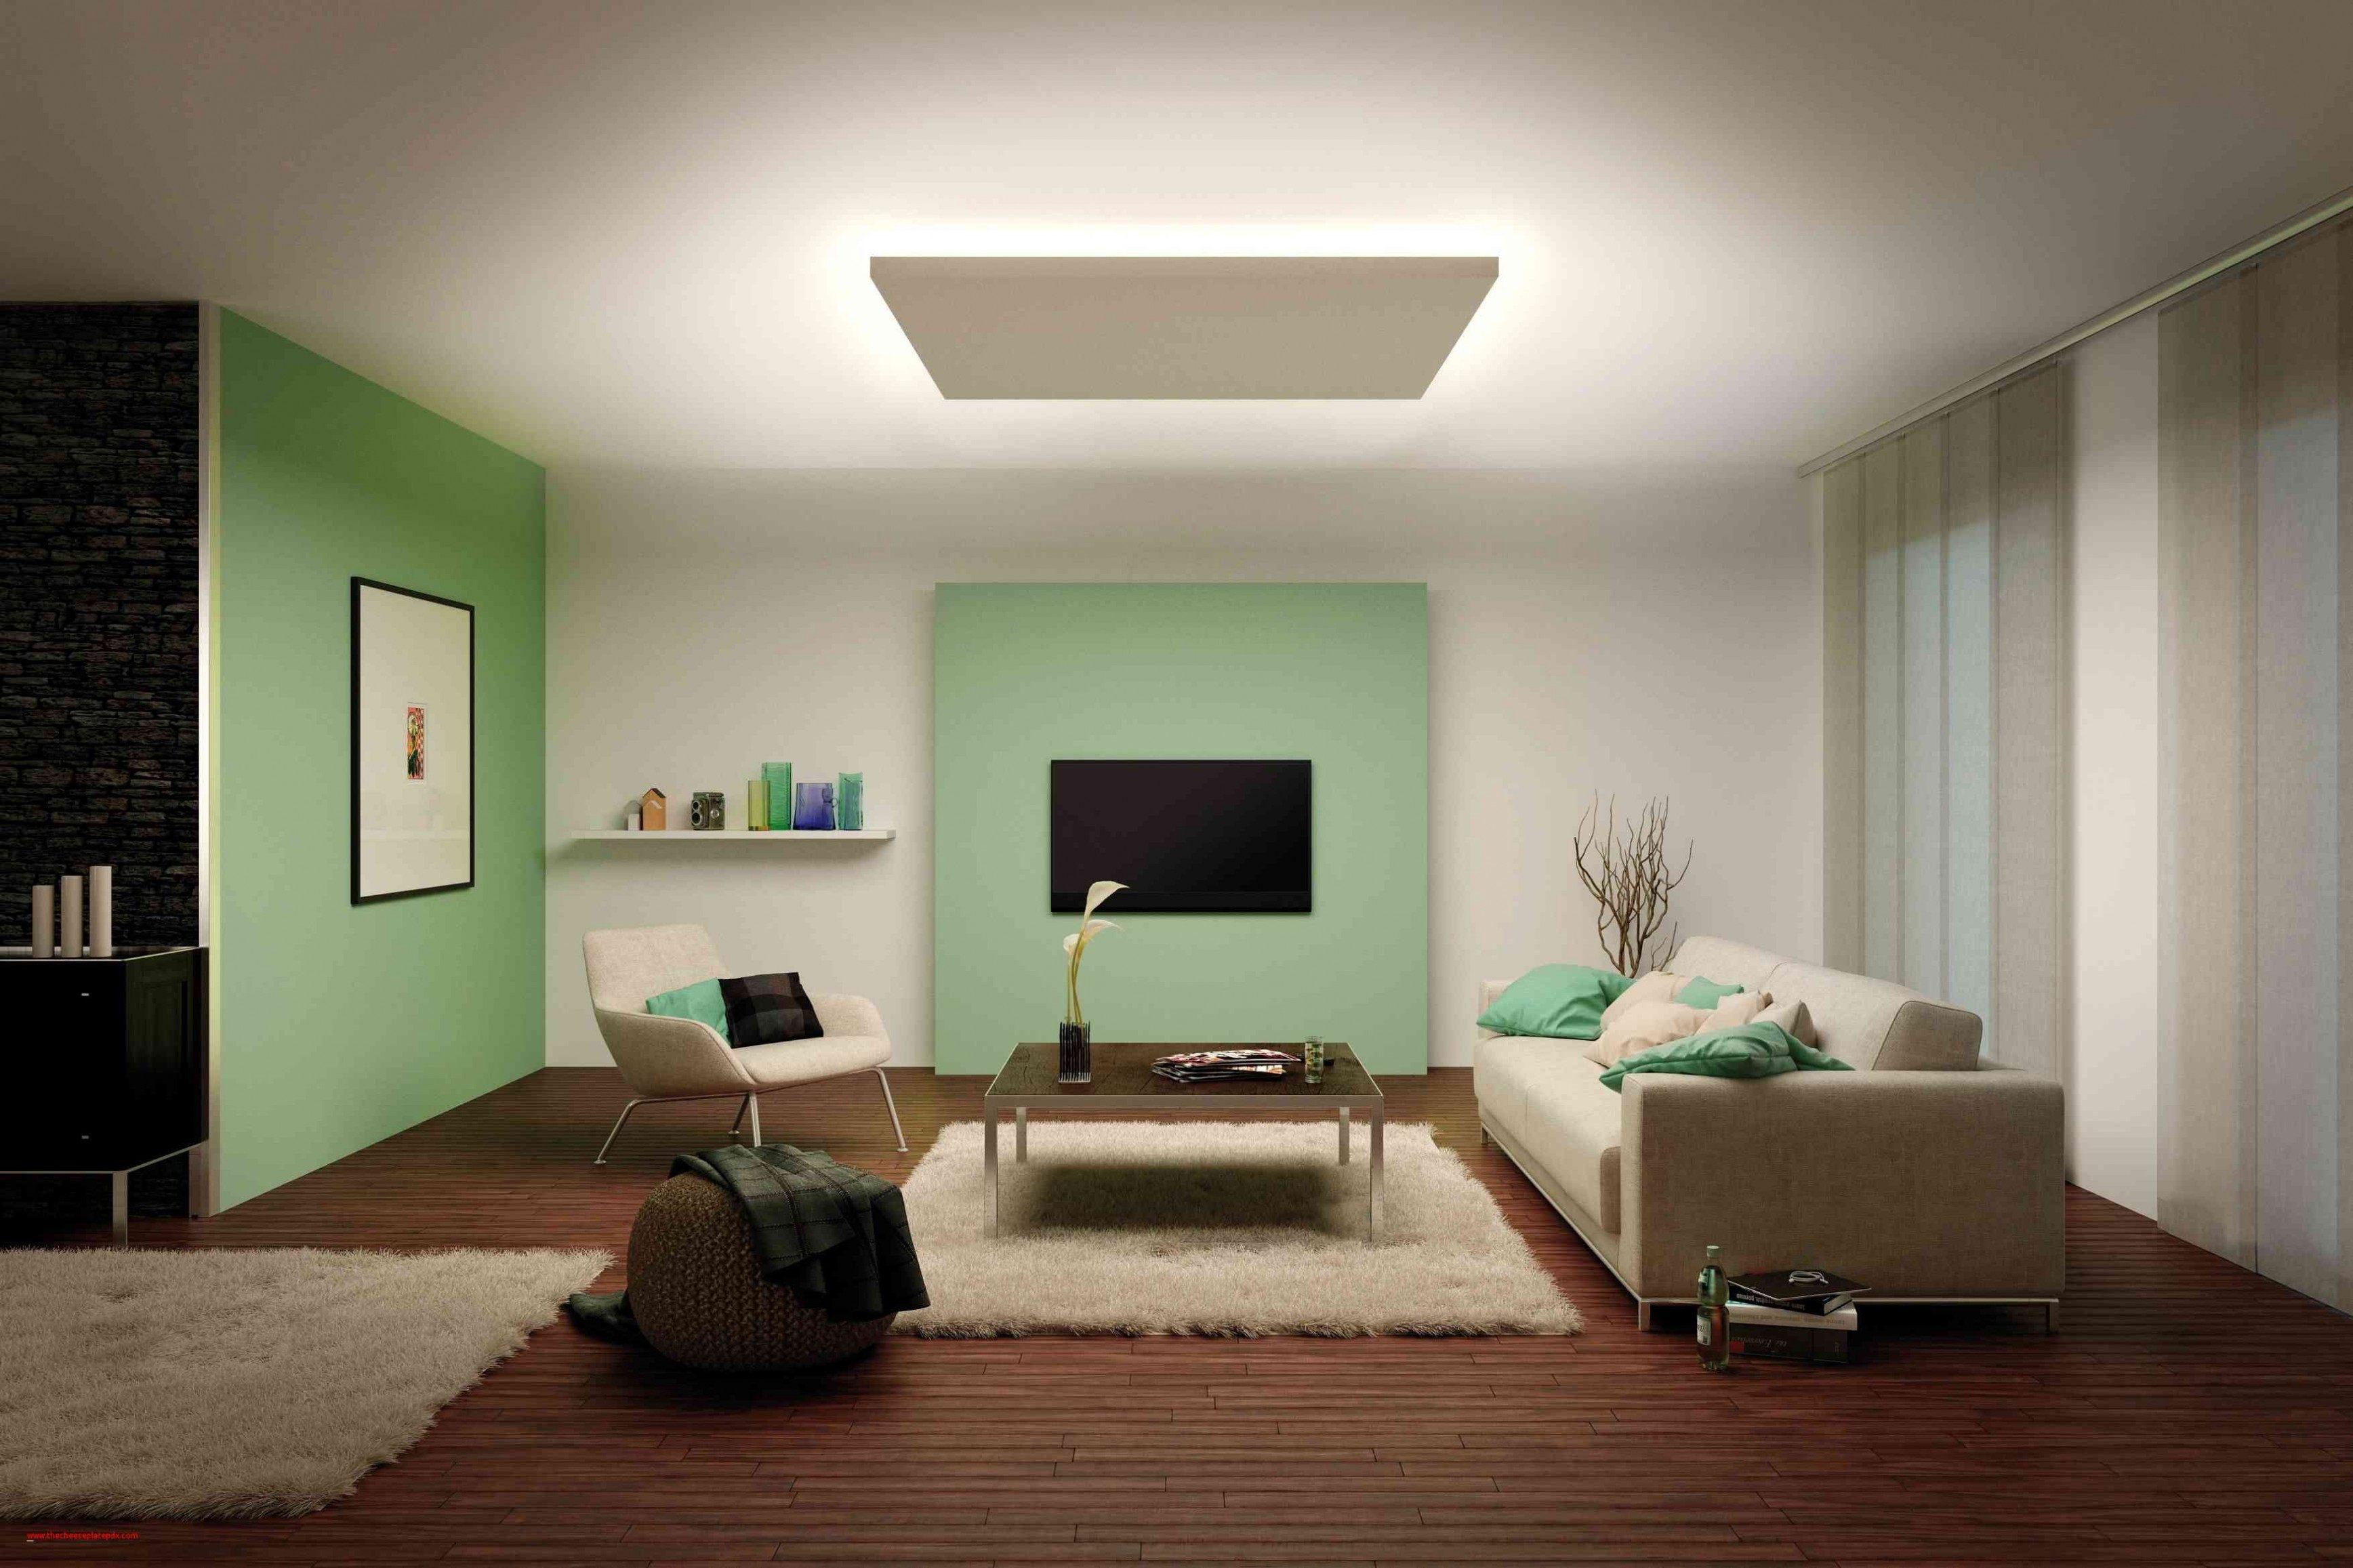 Eclairage Tete De Lit Led Magnifique Luminaire Interieur Design La Confortable Lampe Bois Design